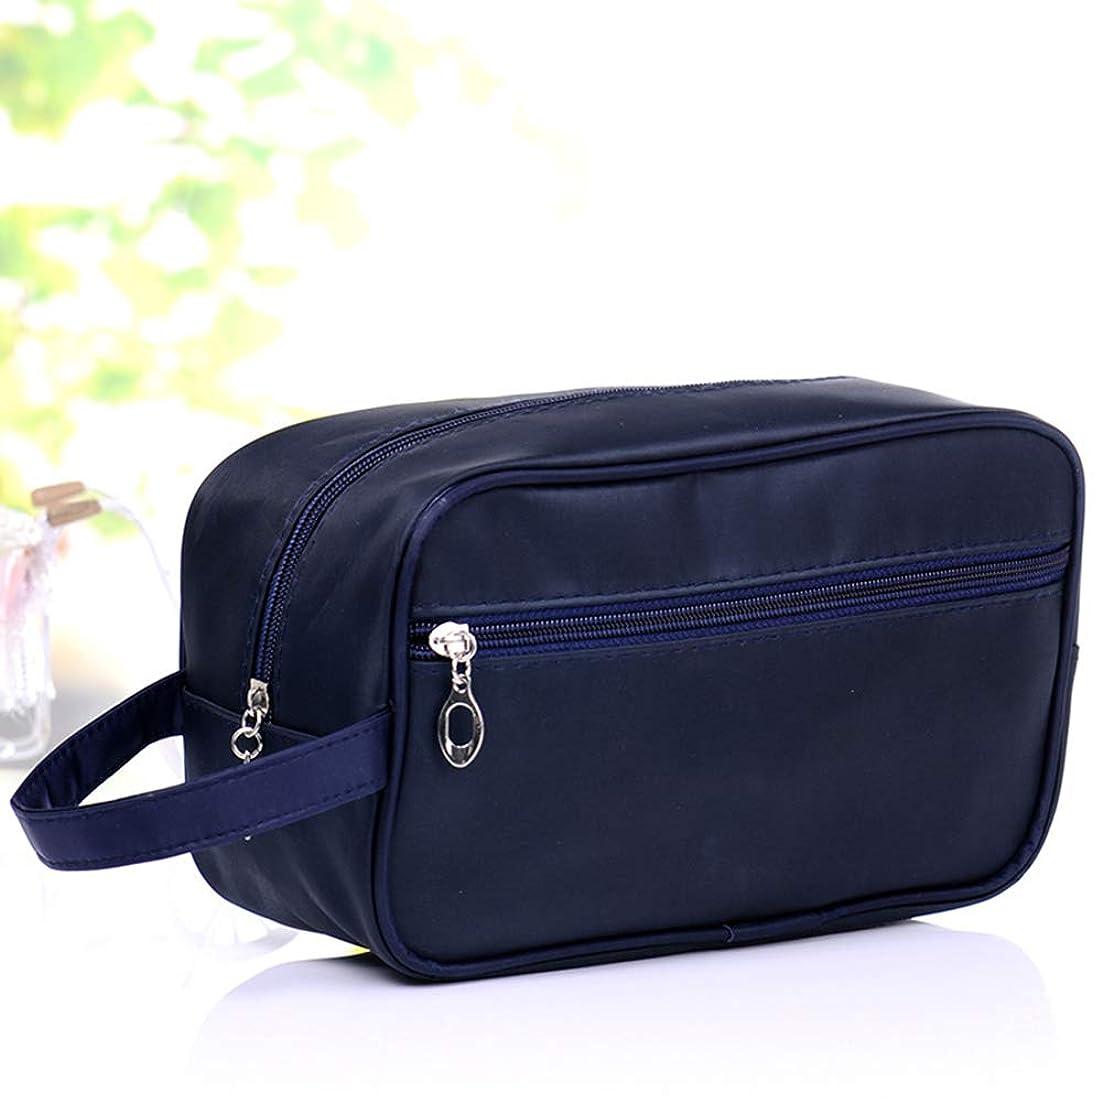 ACHICOO 化粧品ケース 化粧品バッグ 大容量 二層 洗濯 洗面用品キット 防水 持ち運び便利 旅行 アートドア 女性 男性 メイクアップケース 紺